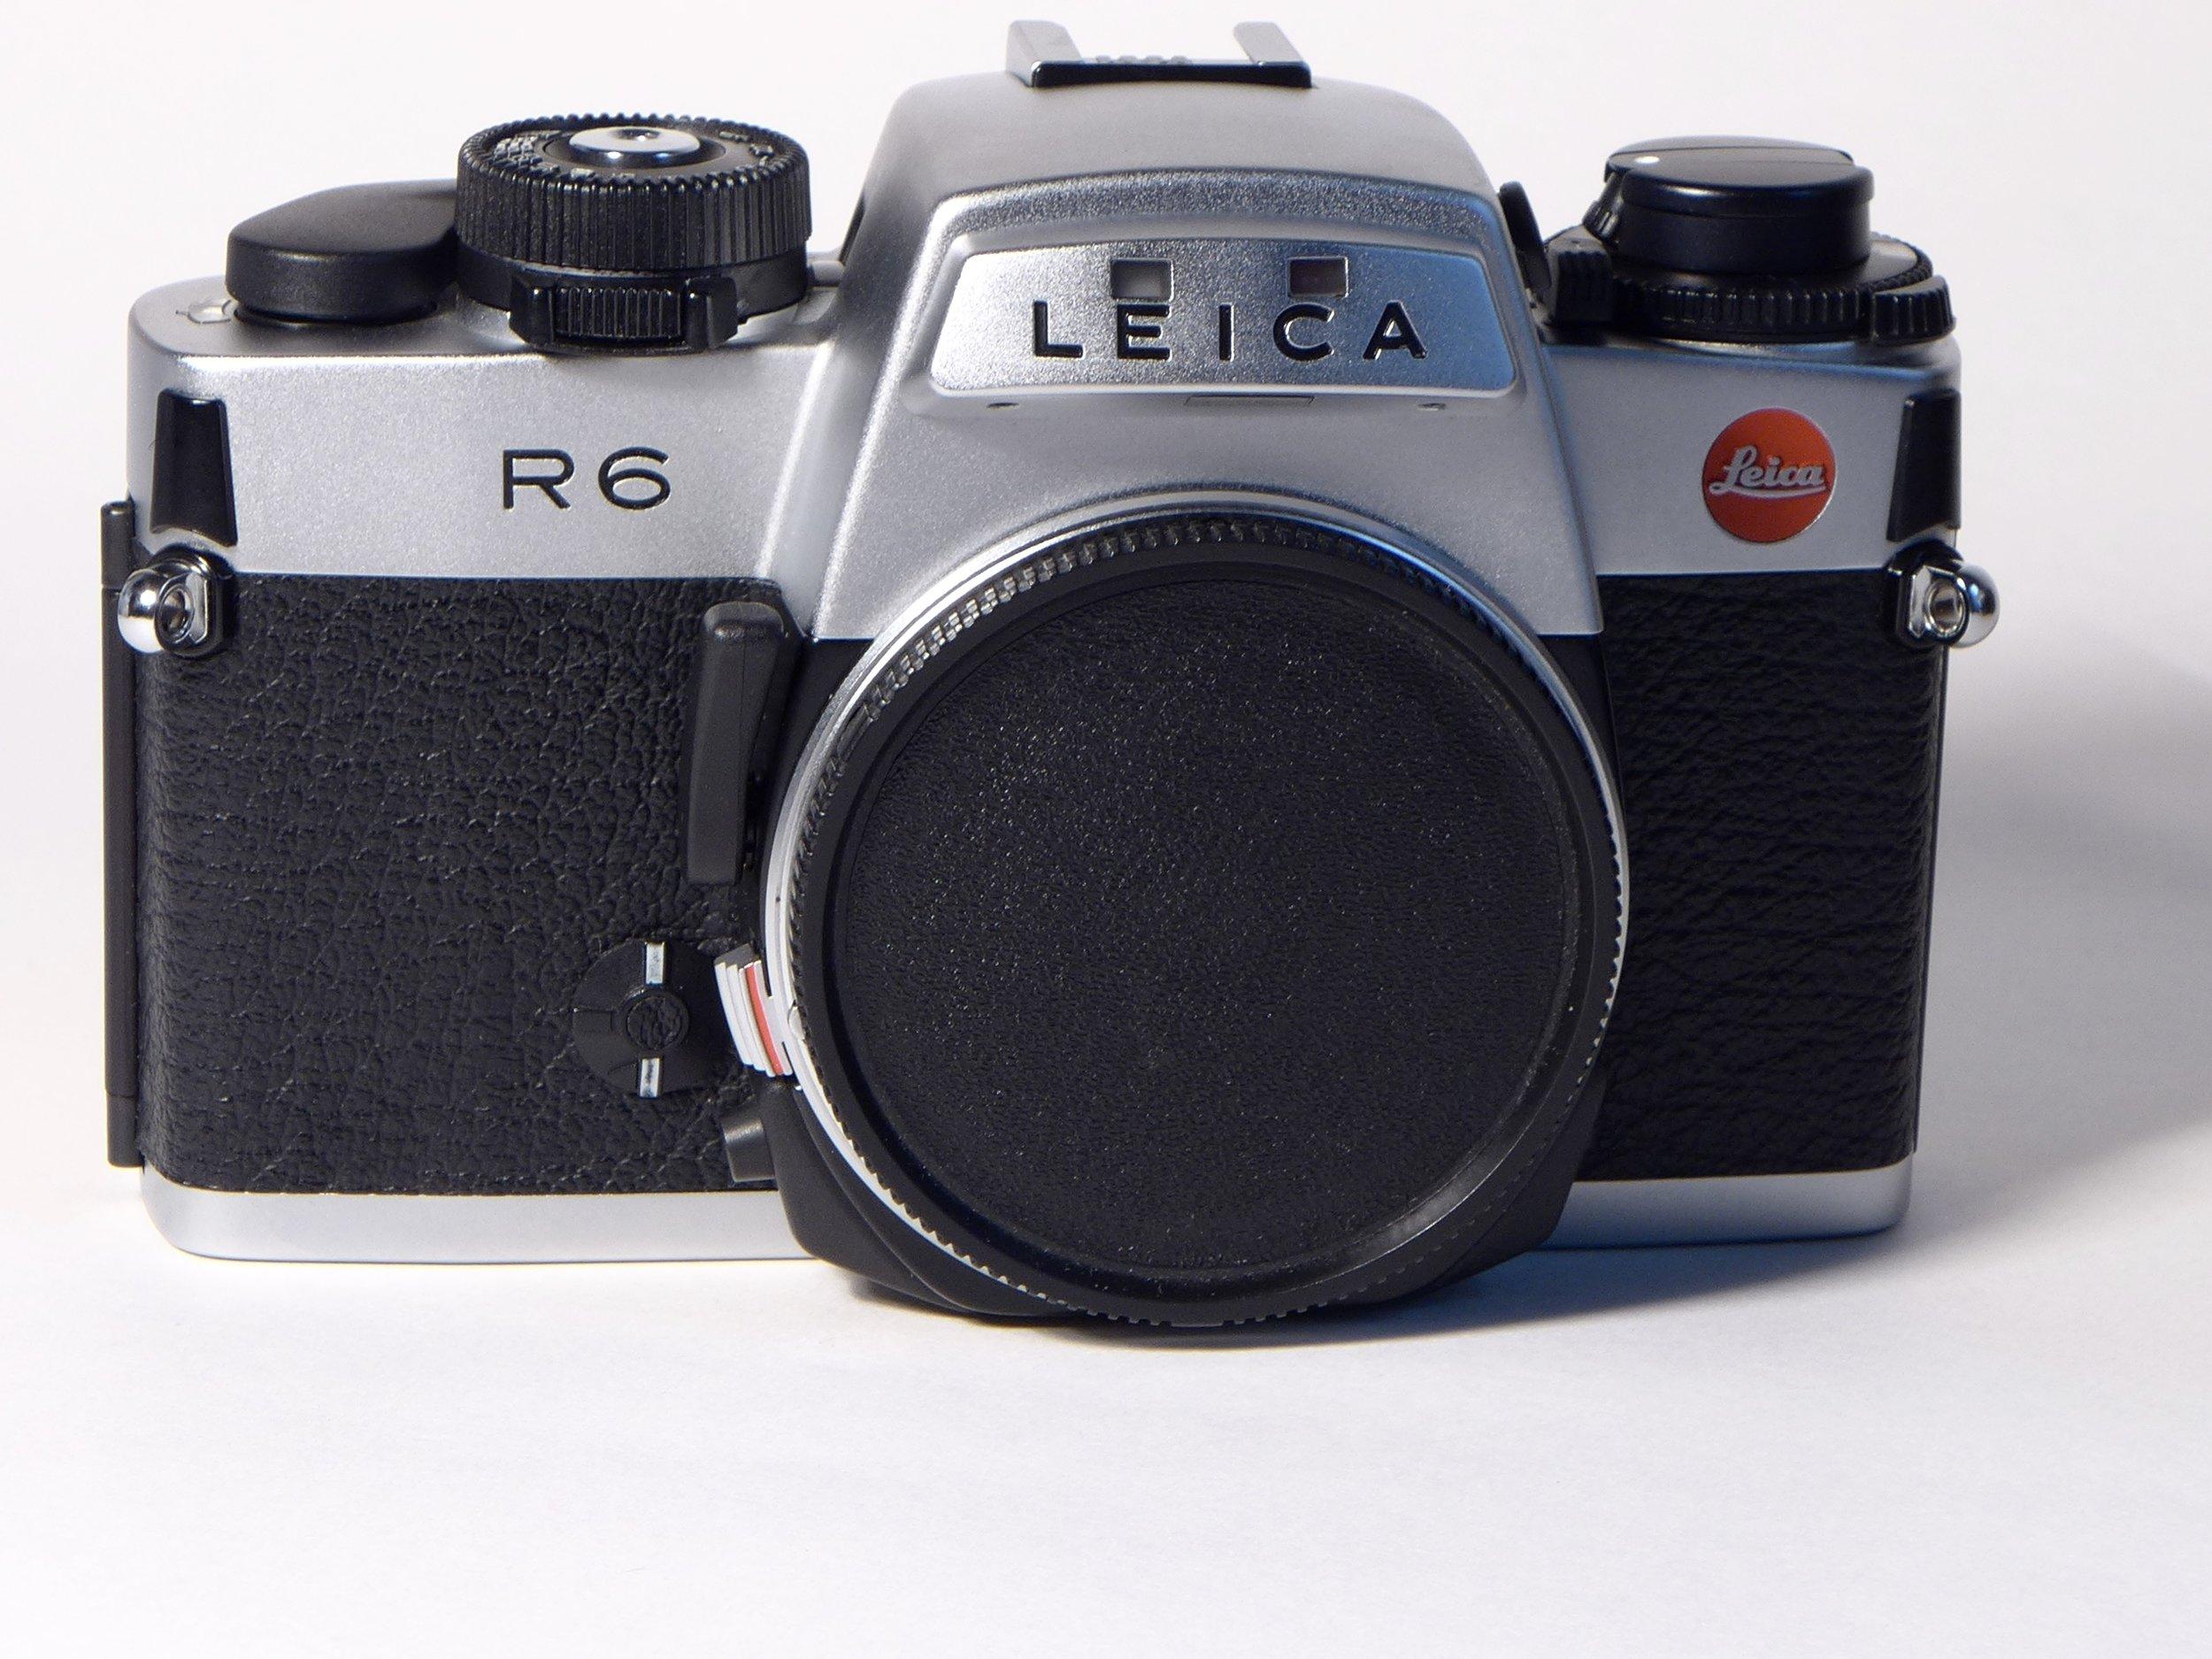 Leica R6 (Ken Hansen Photo)